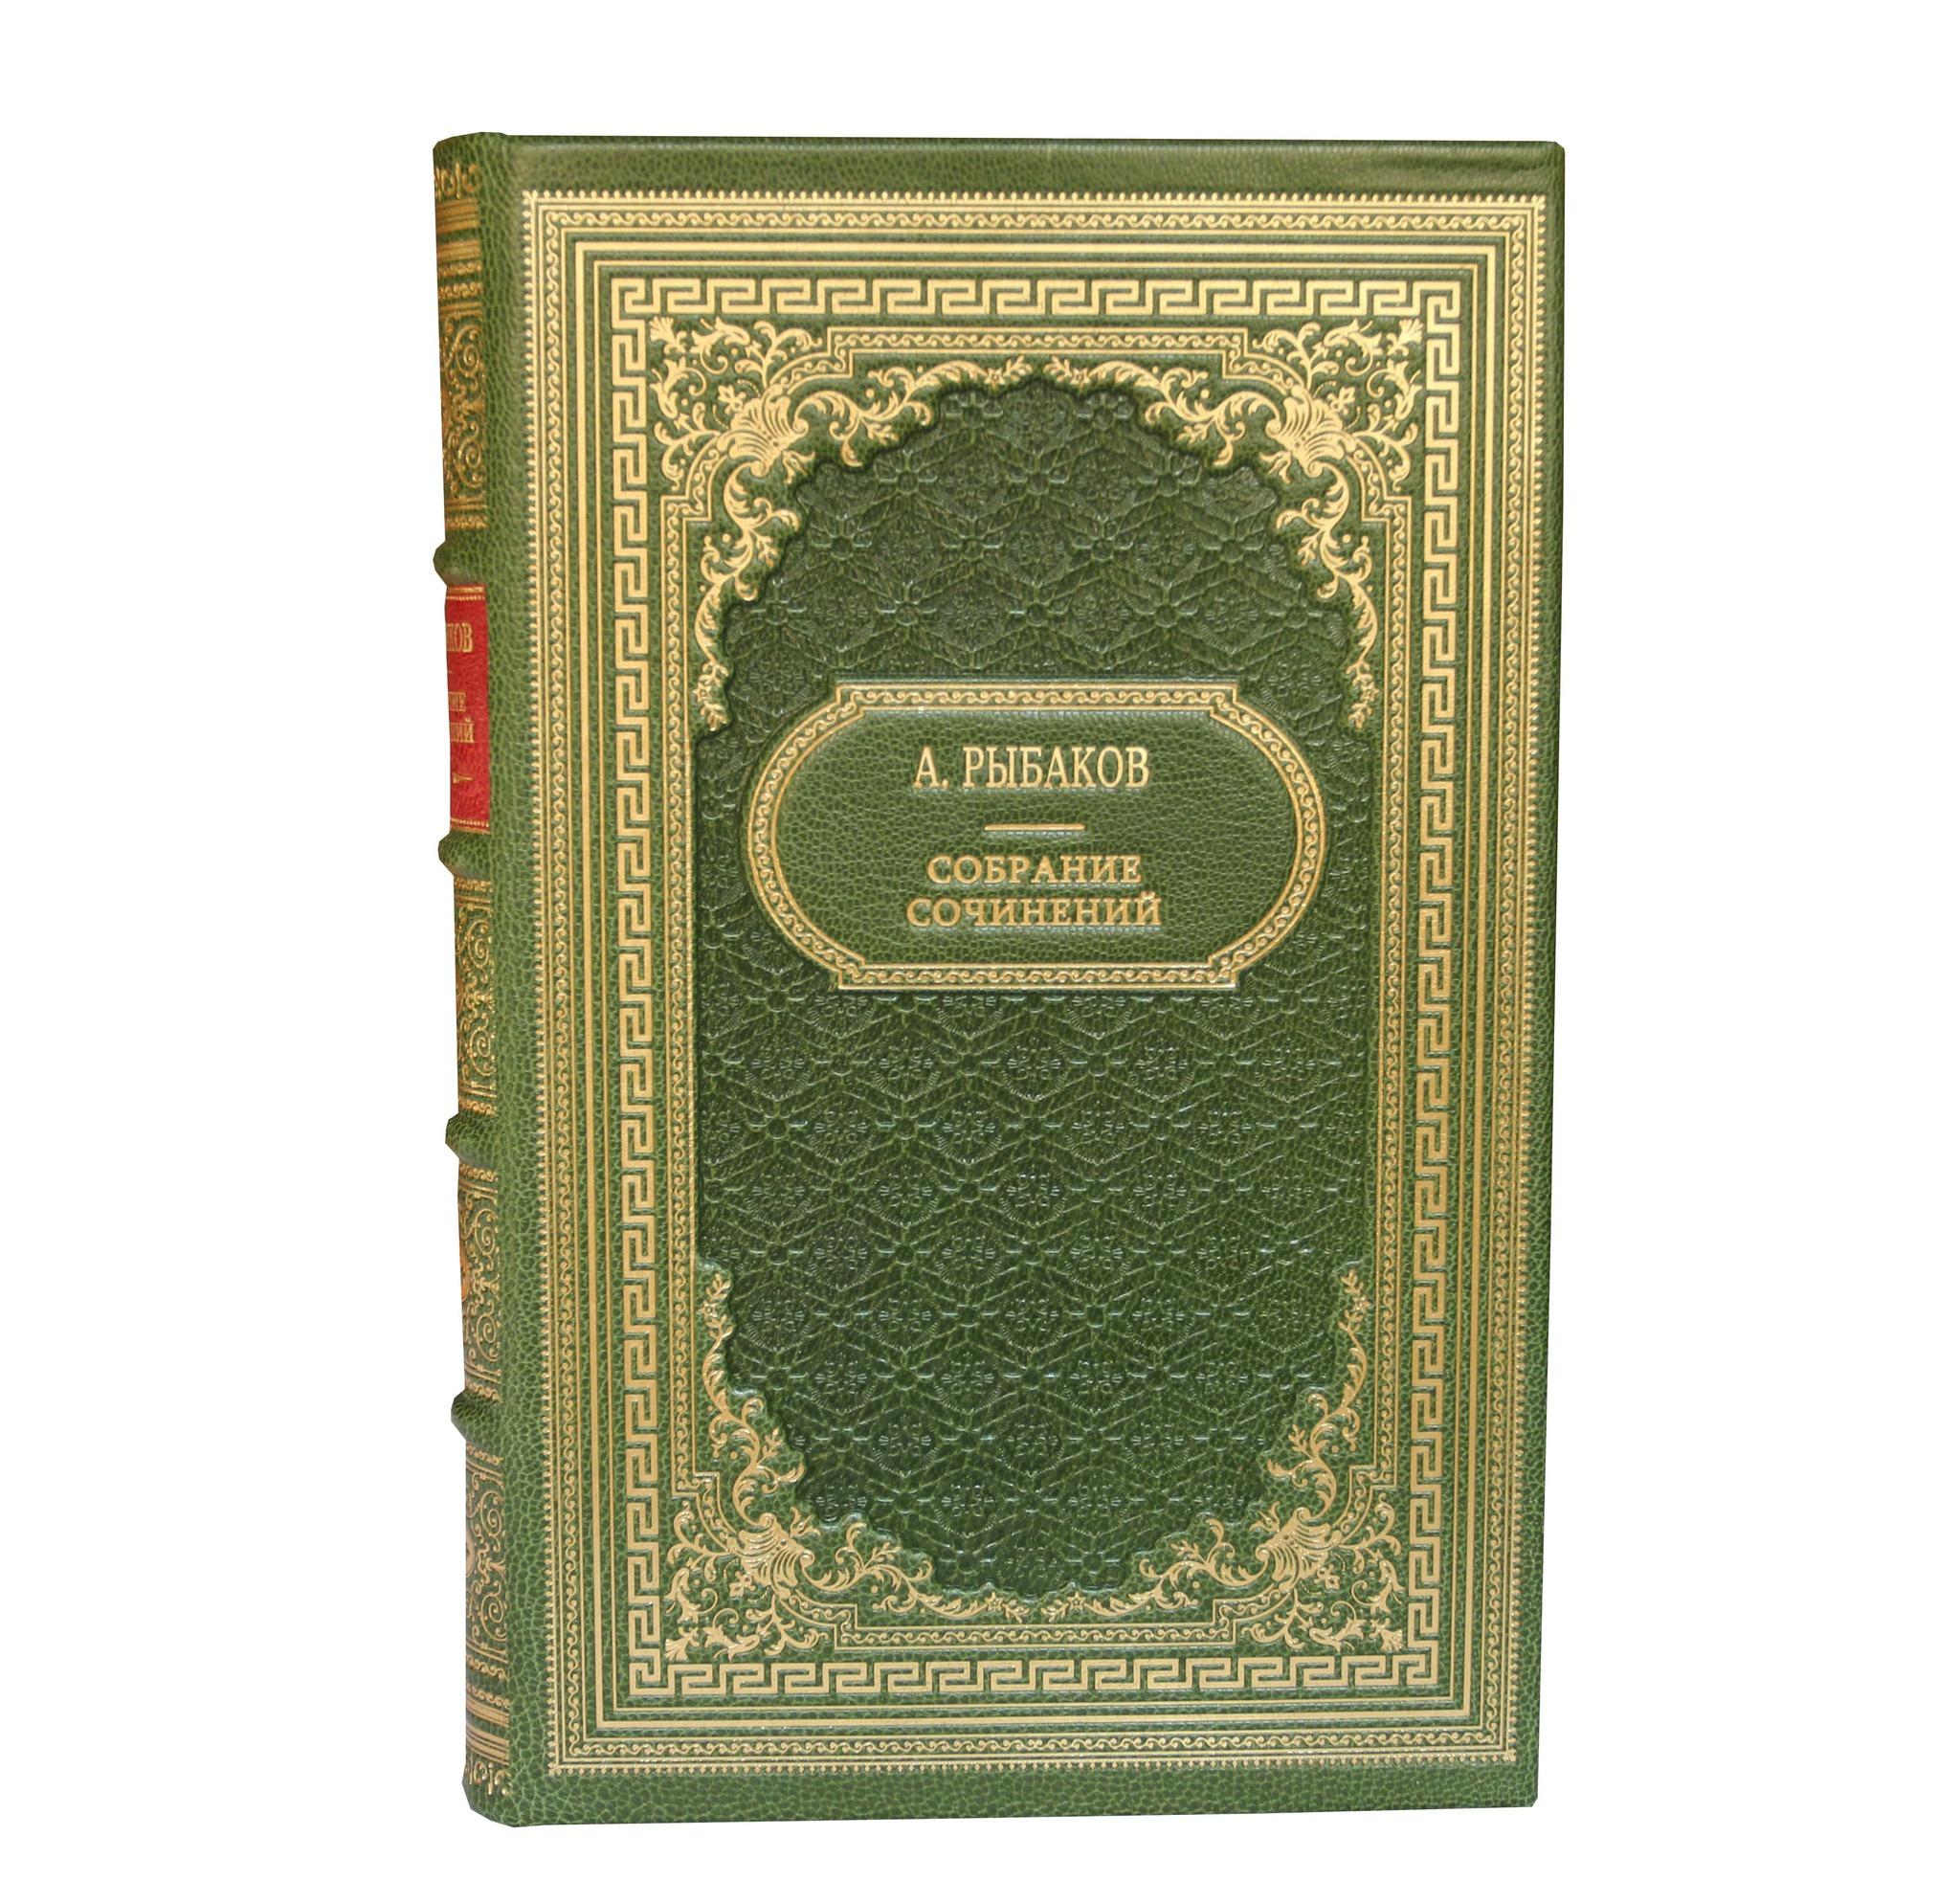 Рыбаков А.Н. Собрание сочинений в 7 томах